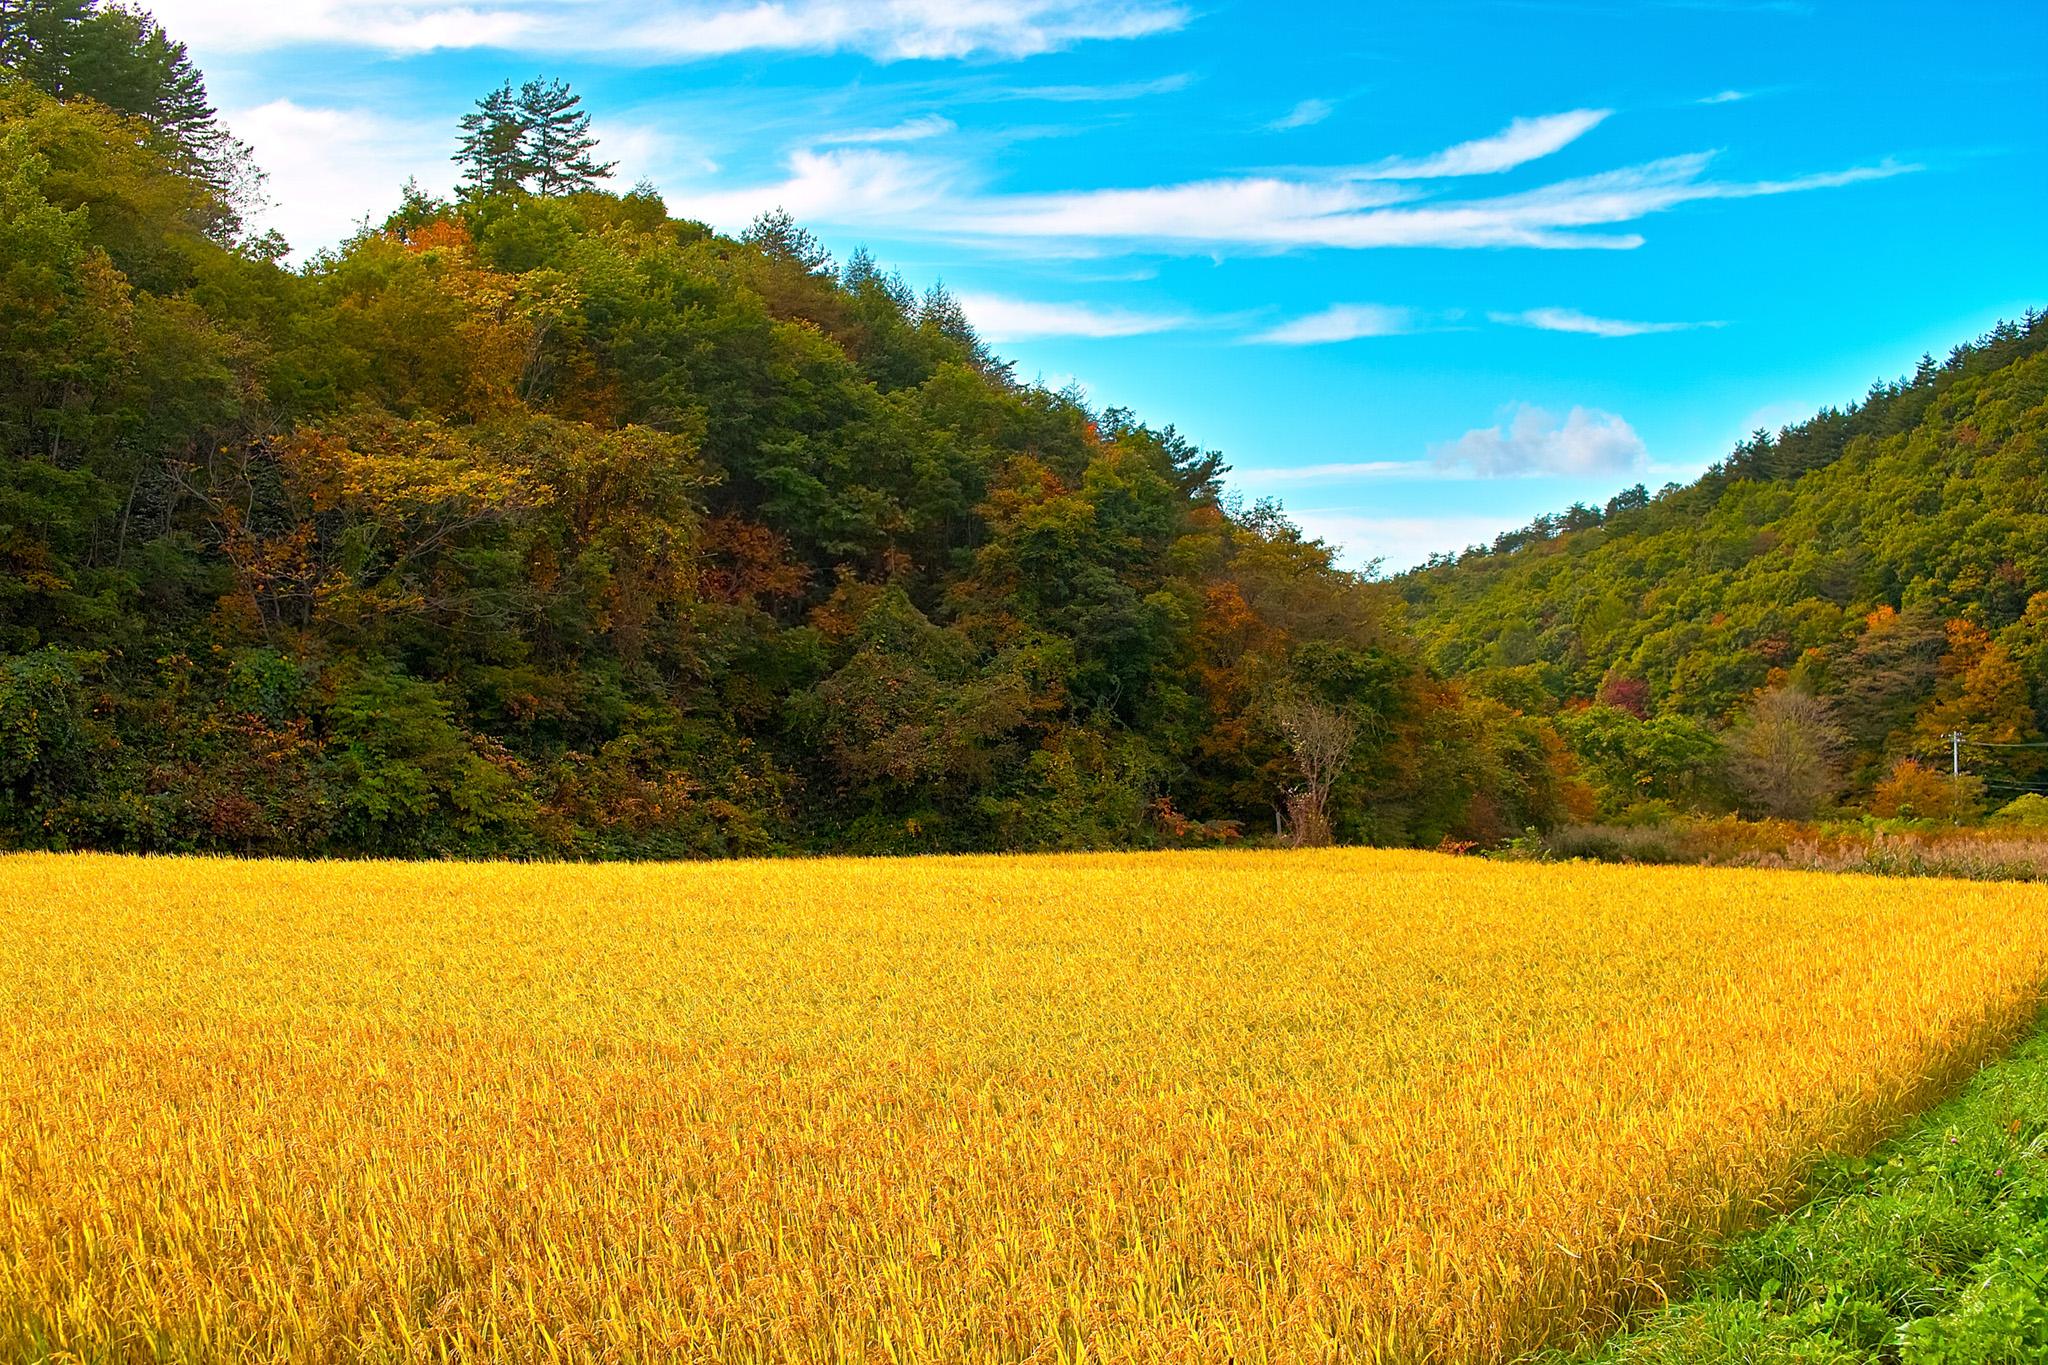 稲が実る秋の田園